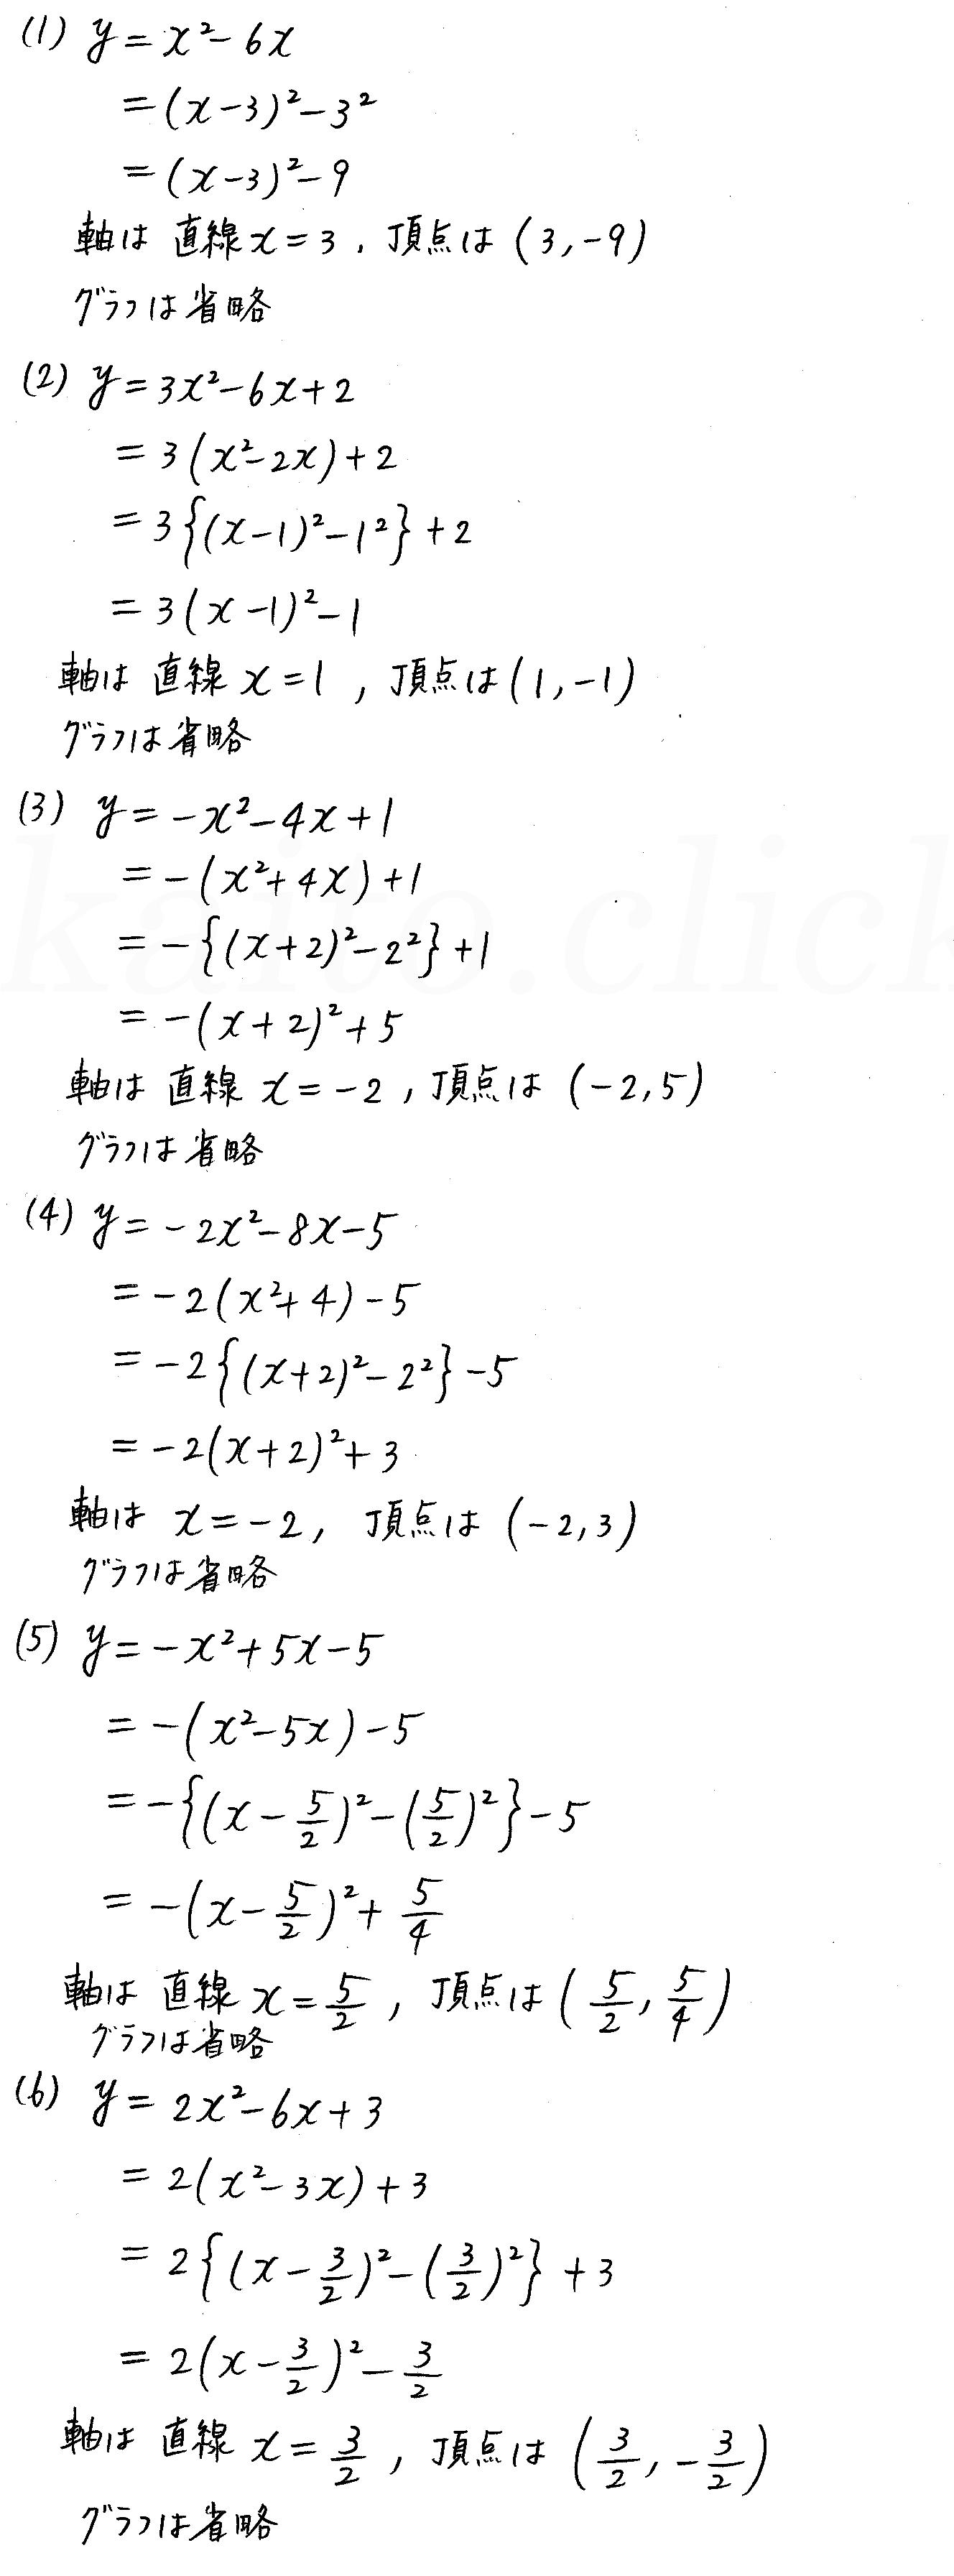 クリアー数学1-155解答